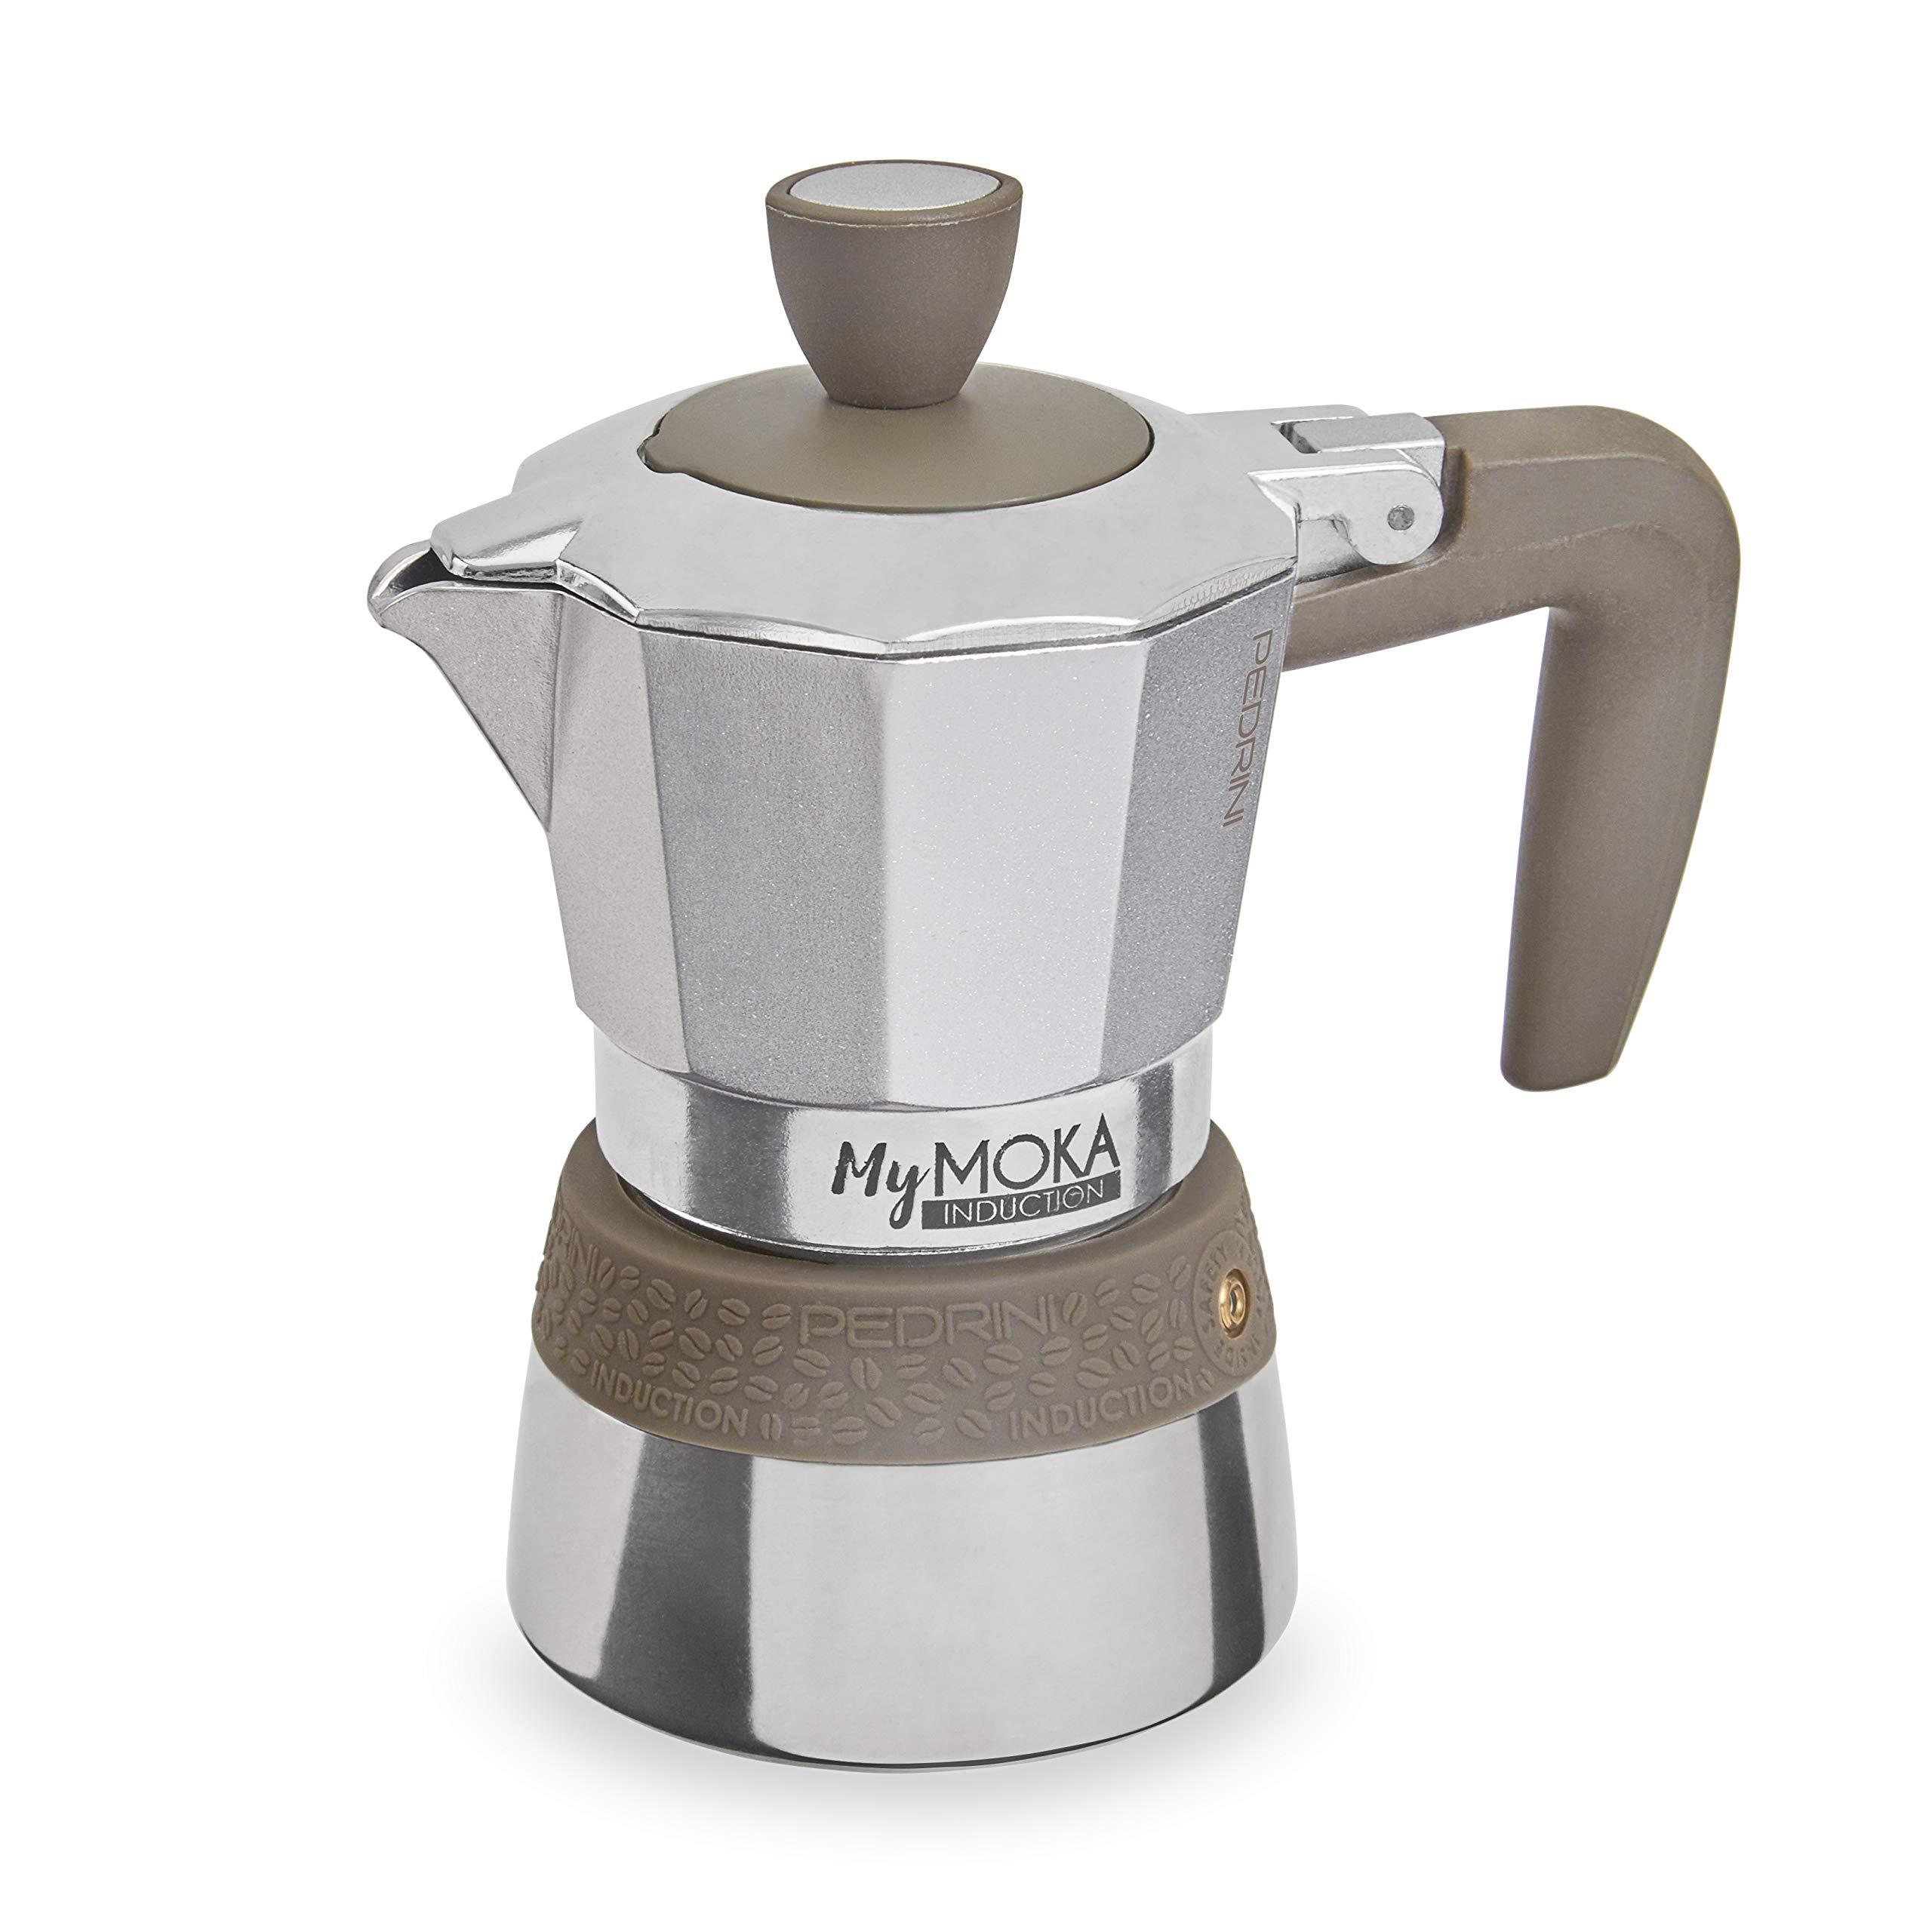 Pedrini MyMoka - Cafetera de inducción Inducción Mymoka 2 Tazze TóRTOLA: Amazon.es: Hogar